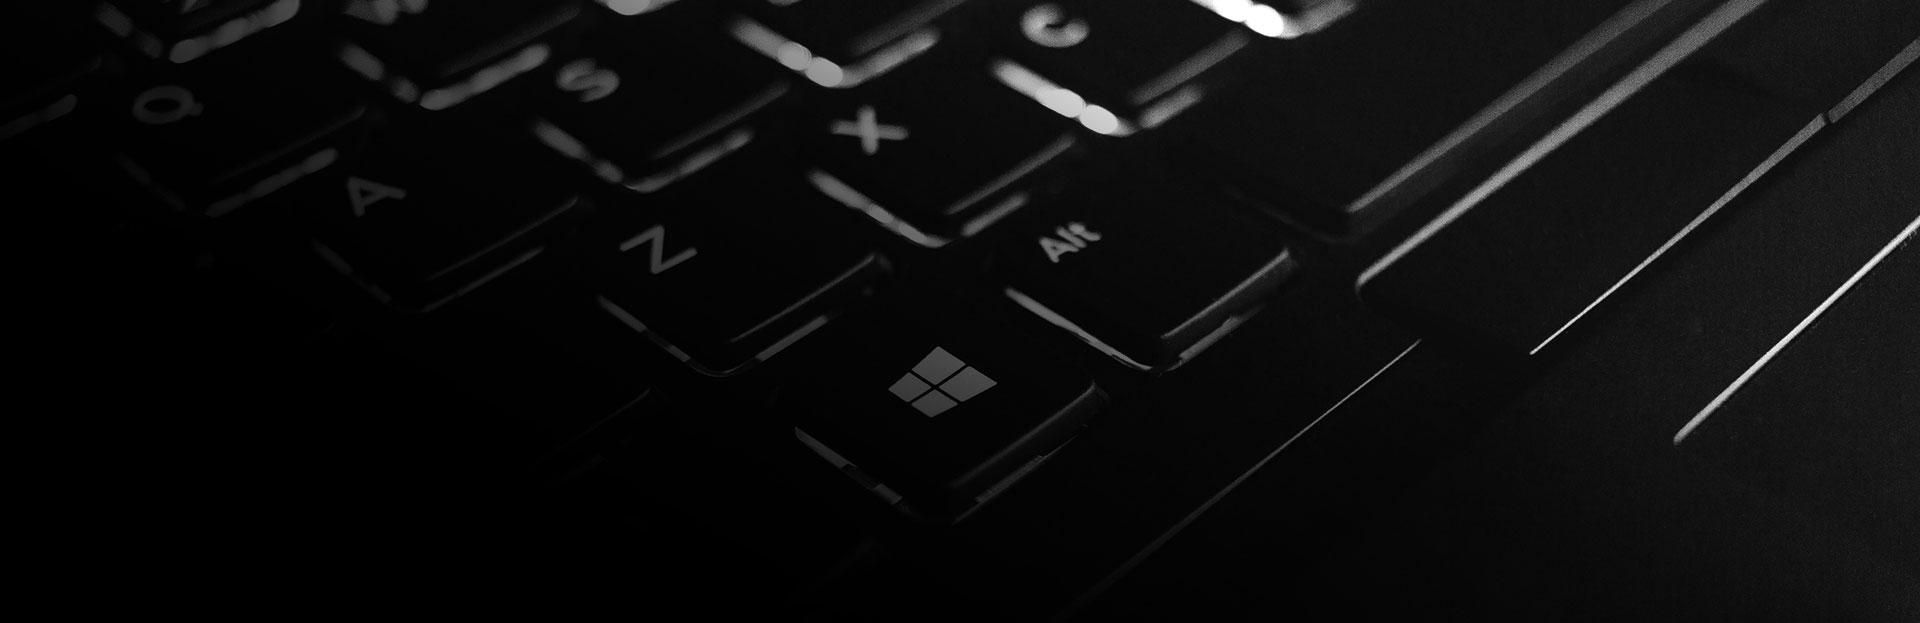 Keyboard dark background